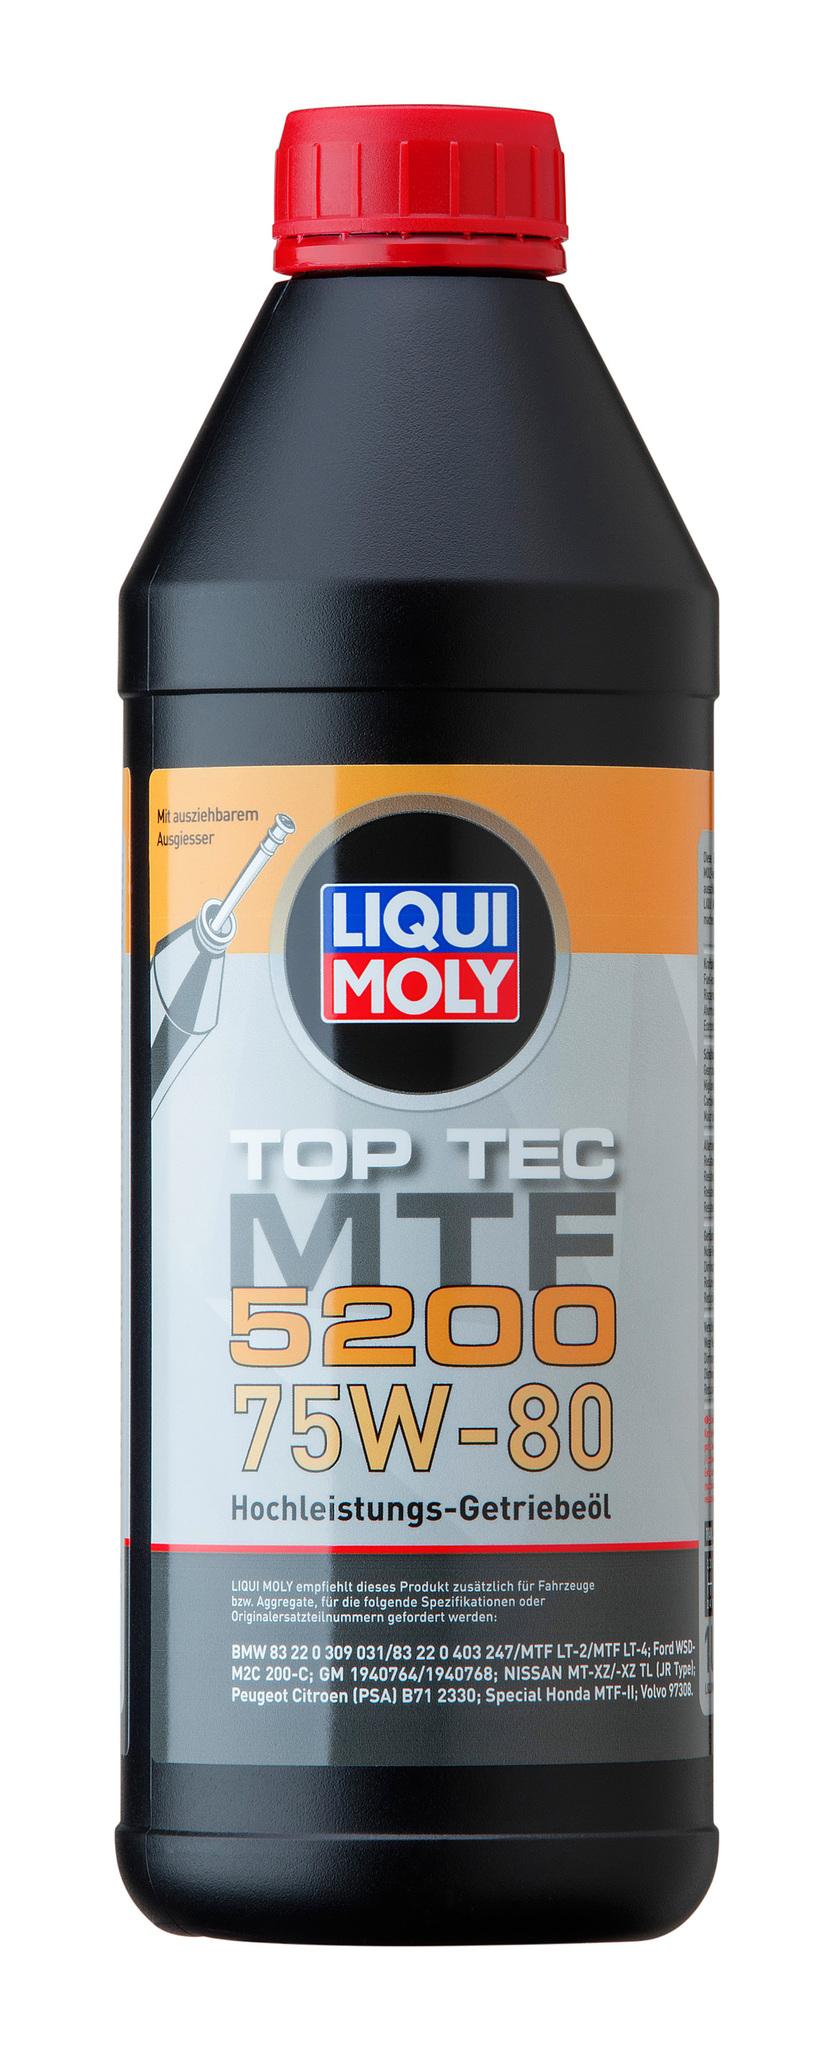 Liqui Moly Top Tec MTF 5200 75W80 НС синтетическое трансмиссионное масло